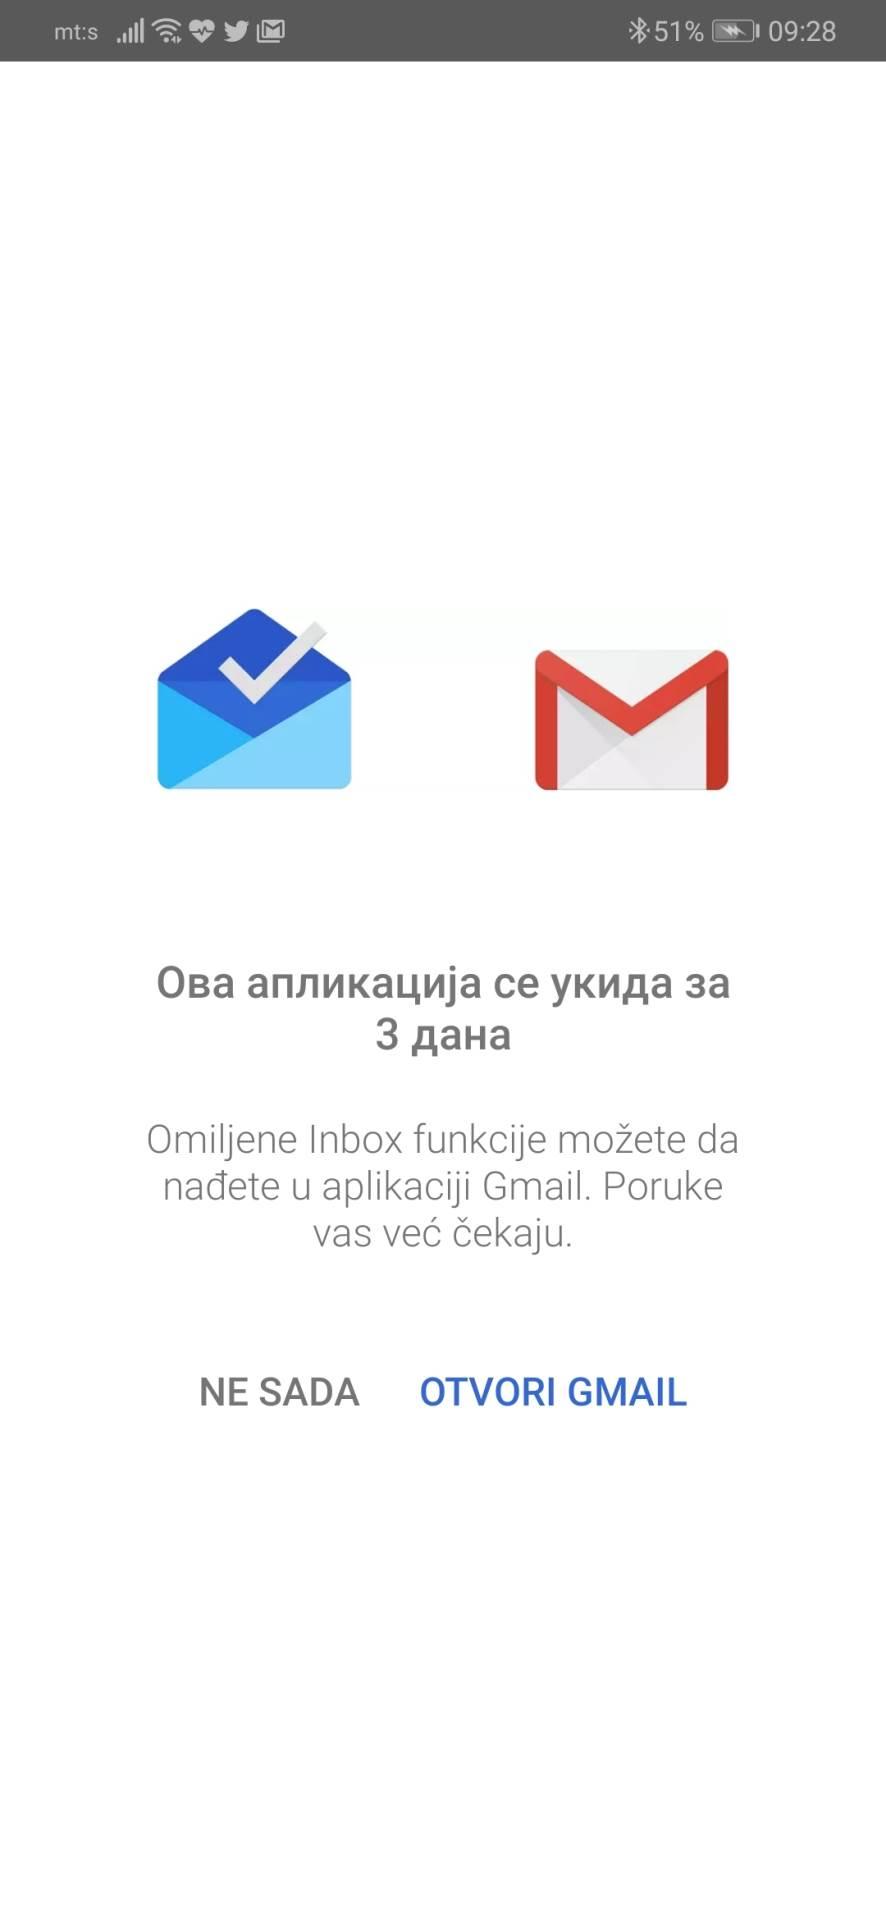 Istina je - Google ukinuo svoju mejl aplikaciju!